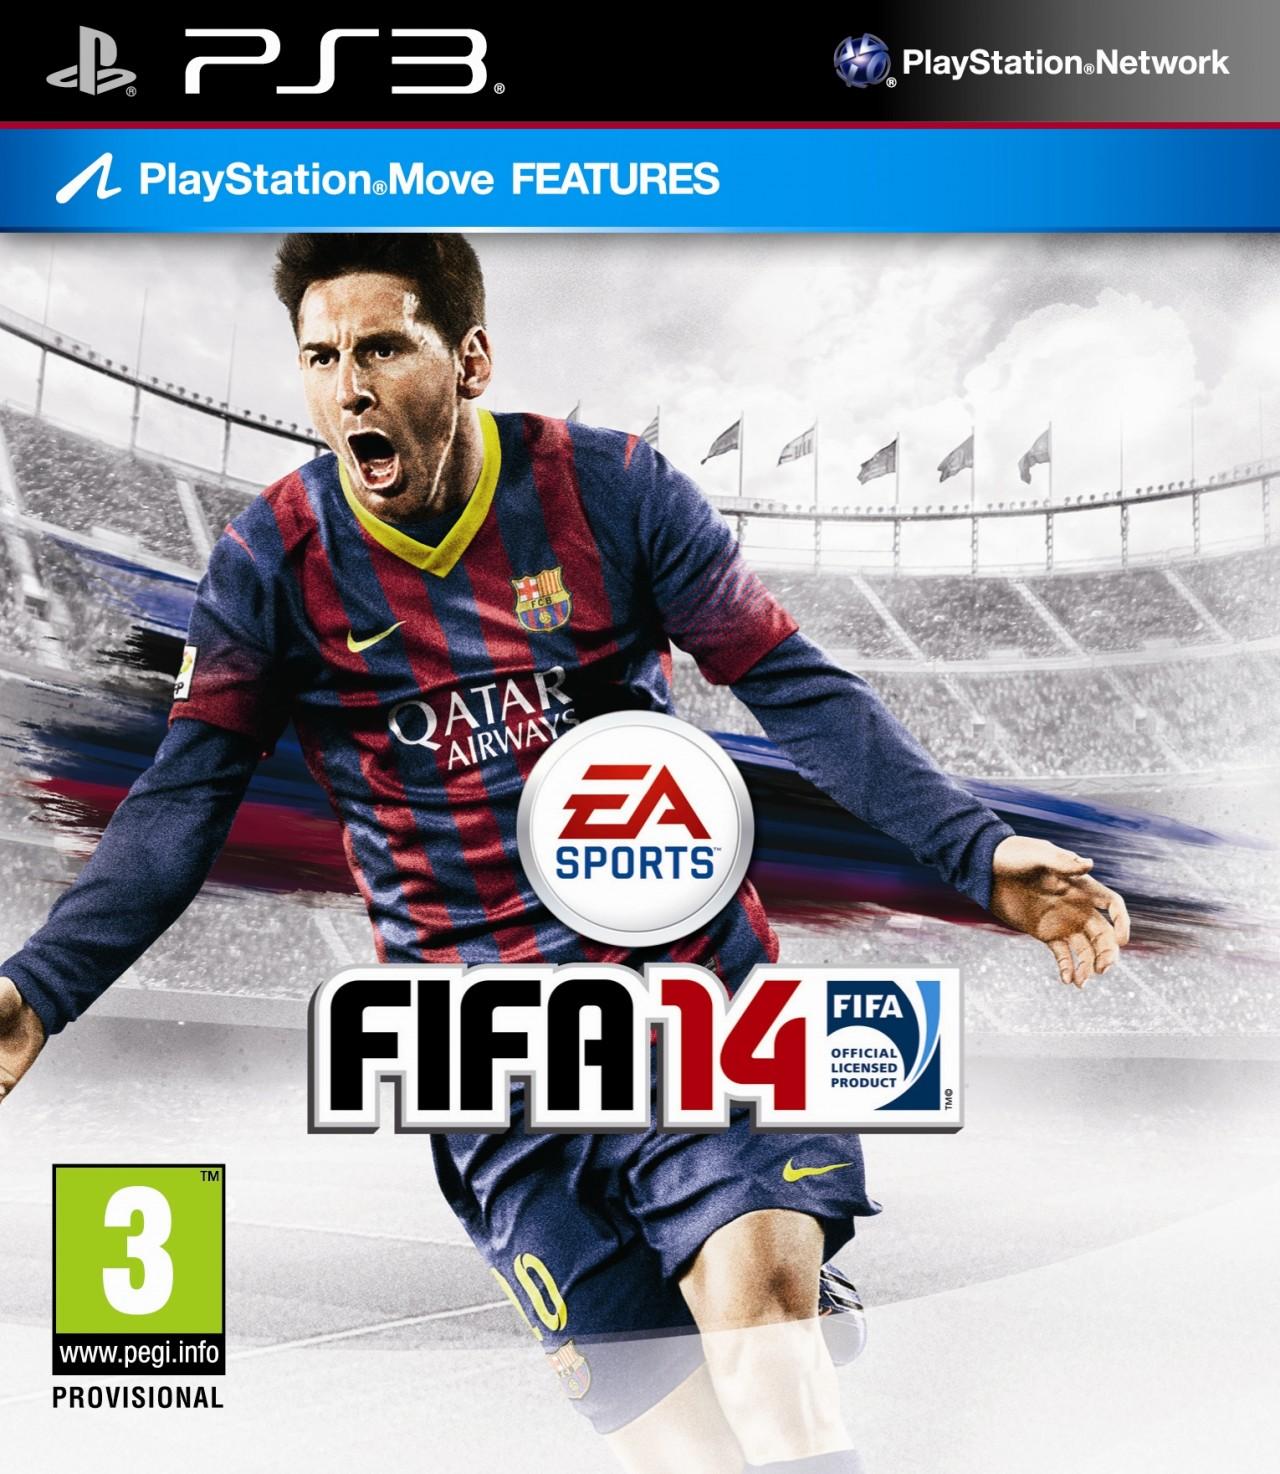 [Multi] FIFA 14 PS3